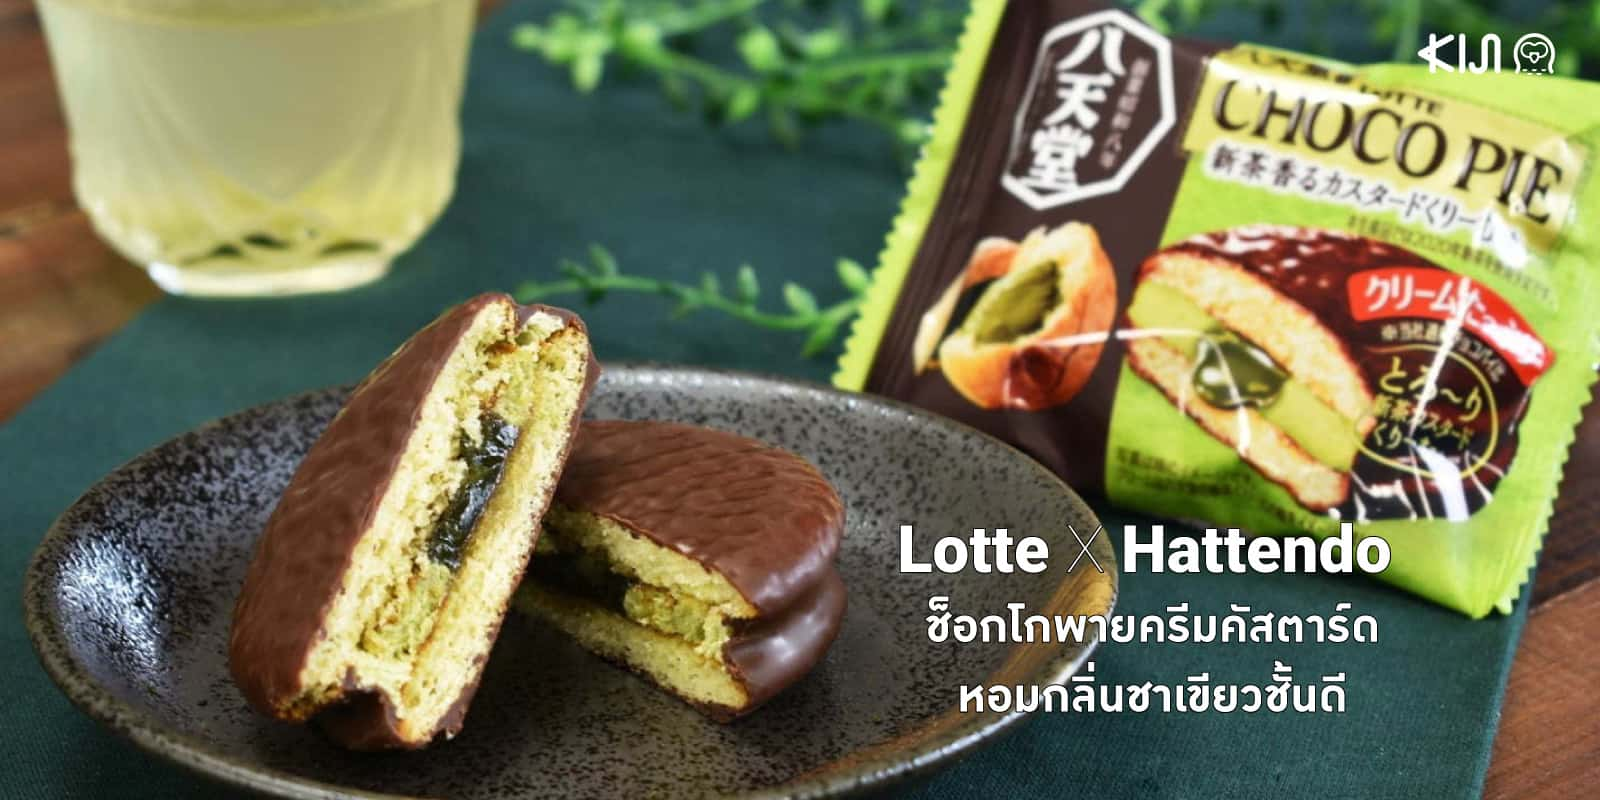 Lotte Choco Pie วางจำหน่ายตั้งแต่วันที่ 30 มิถุนายนเป็นต้นไป